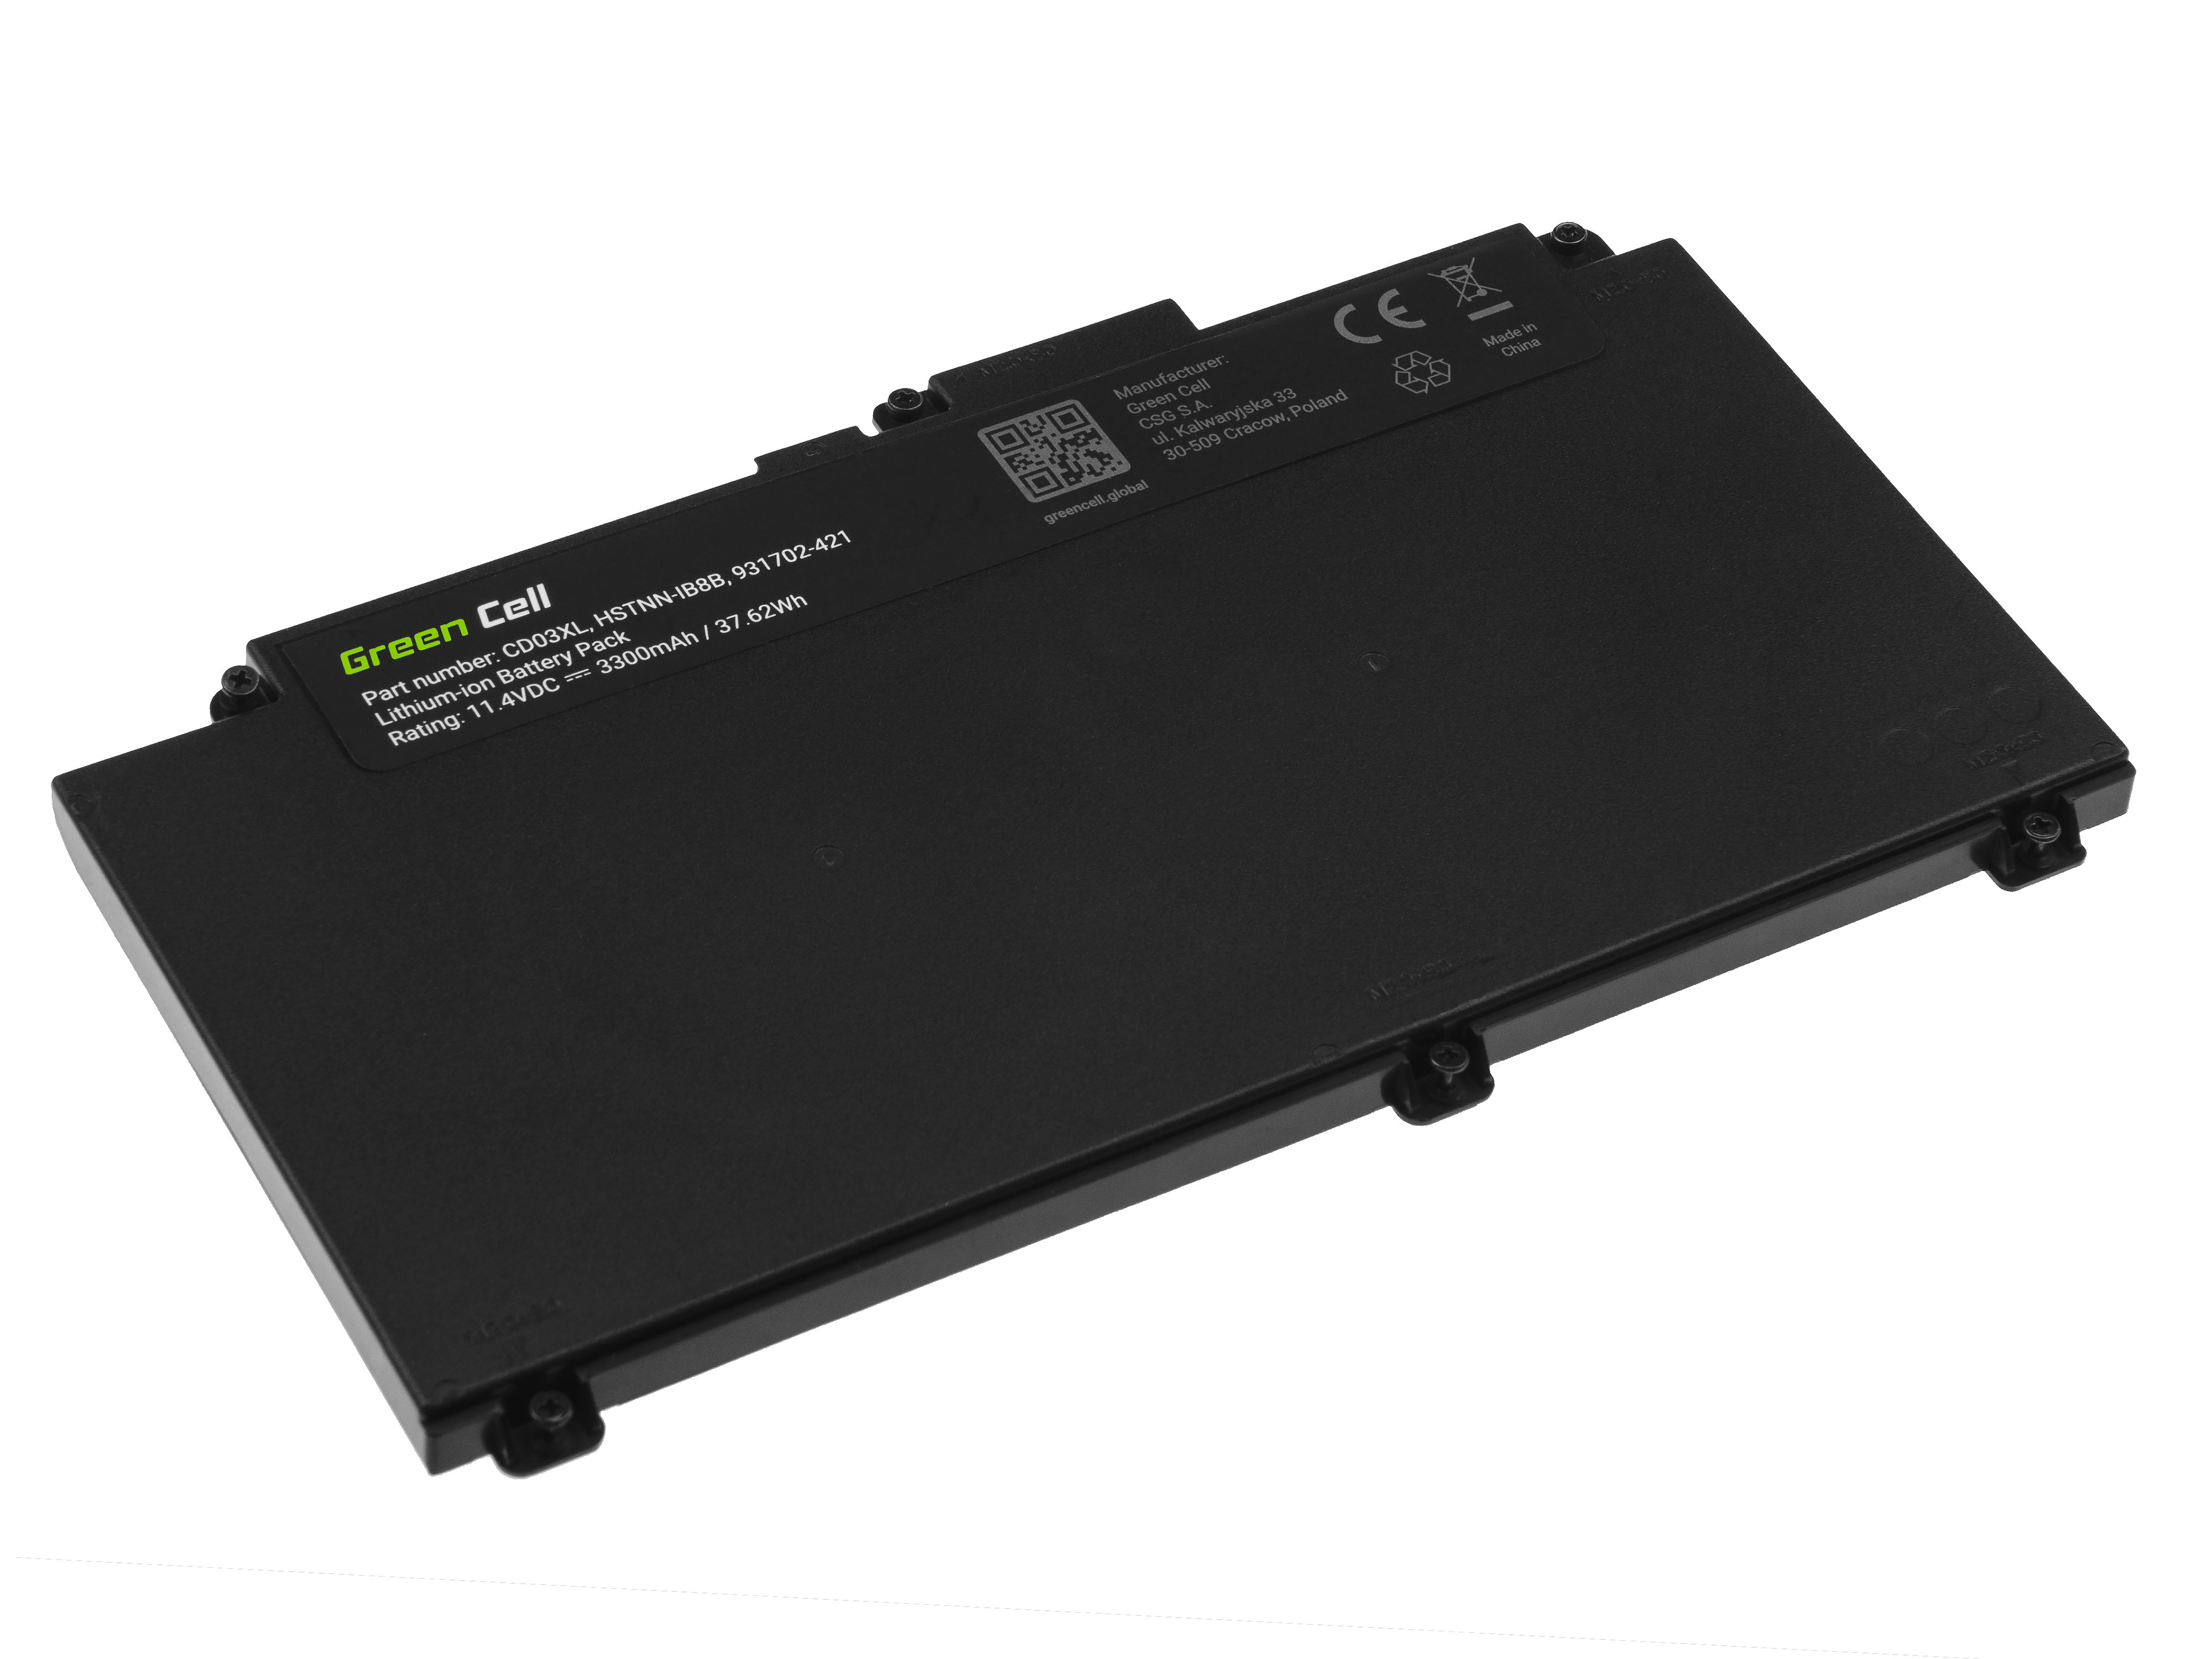 Battery Green Cell CD03XL for HP ProBook 640 G4 G5 645 G4 650 G4 G5